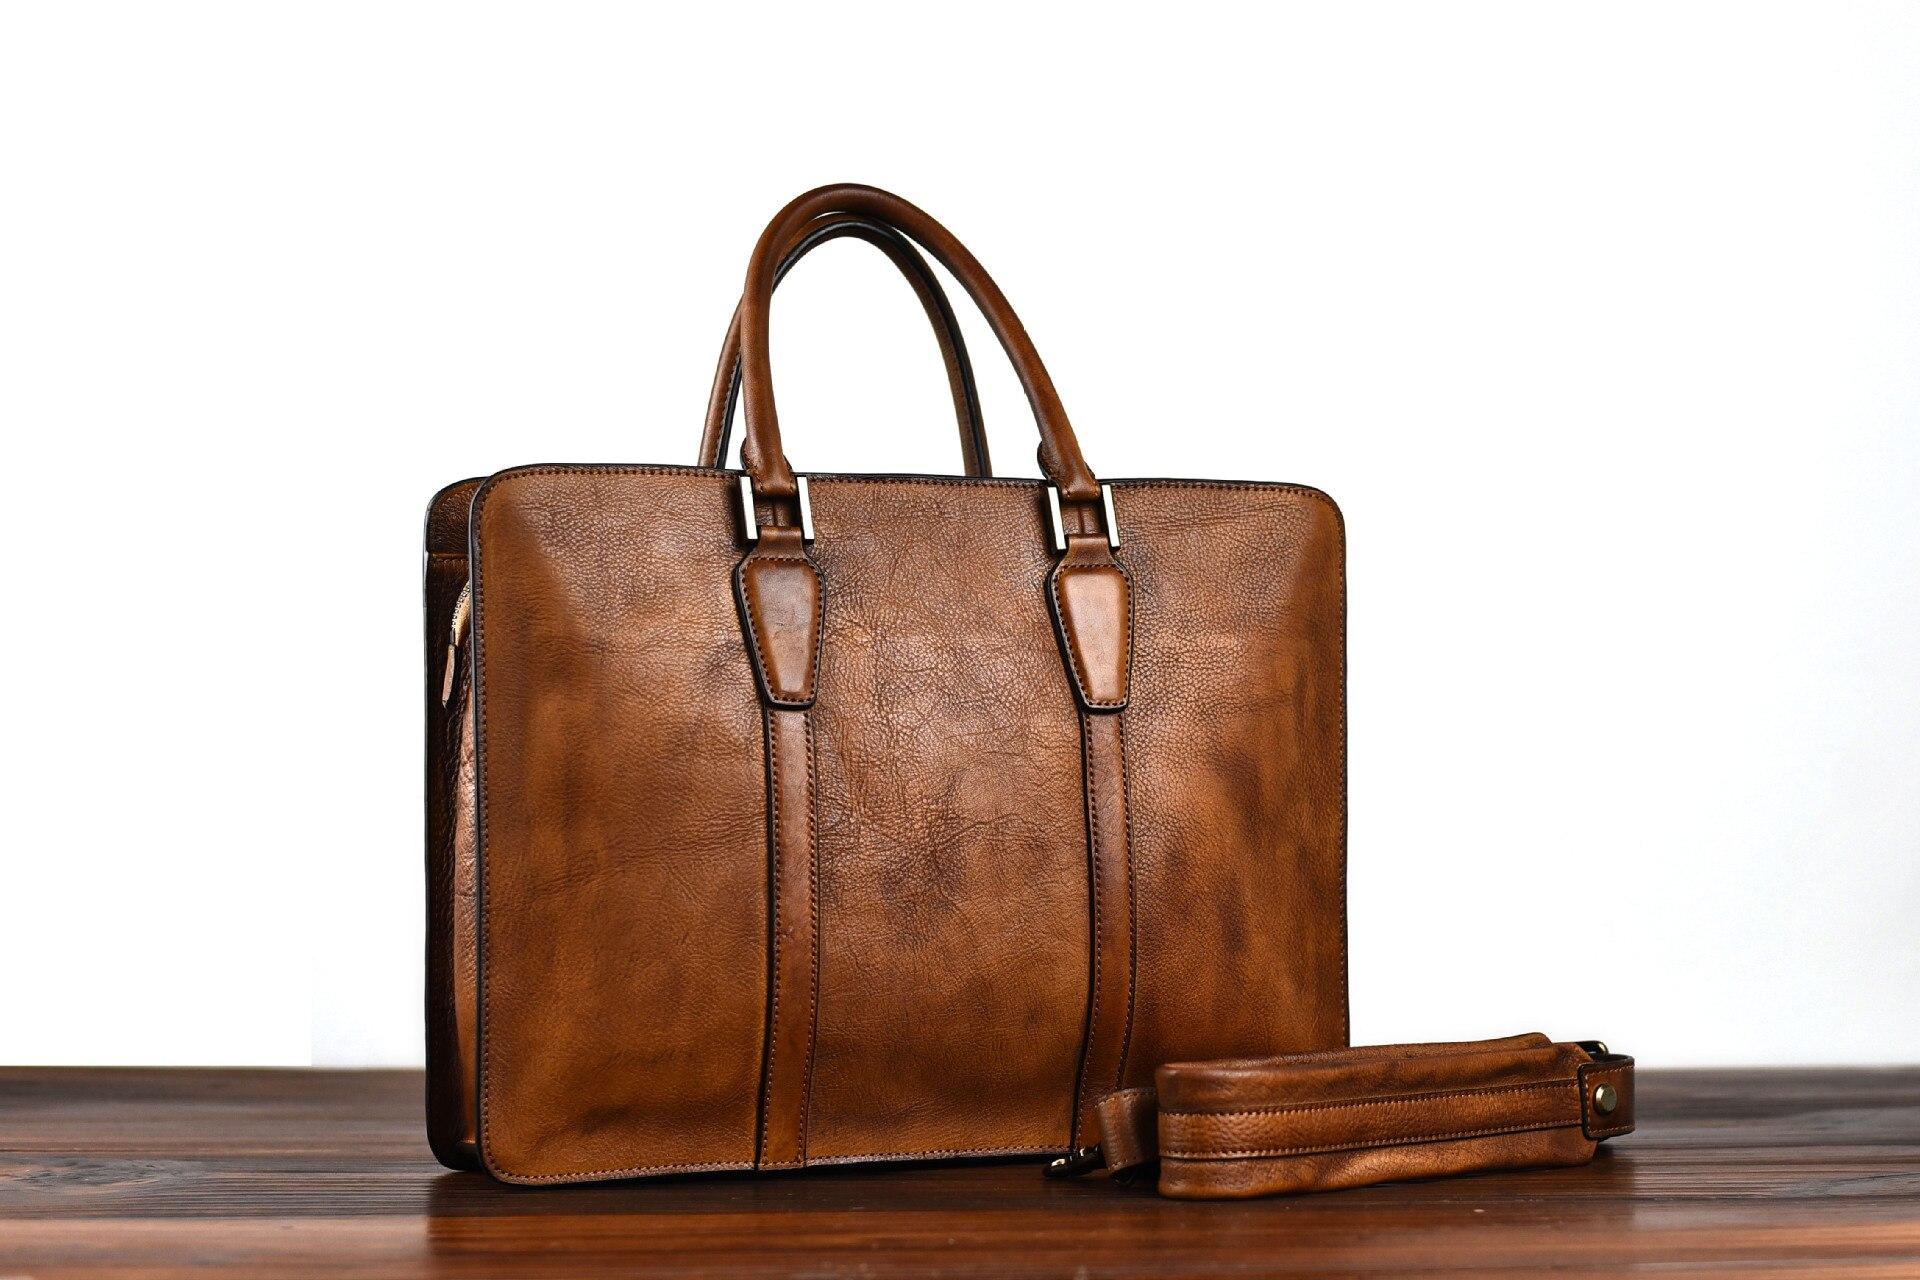 حقيبة أعمال حقيبة يد صناعة يدوية خضروات مدبوغة جلد ريترو سعة كبيرة حقيبة كتف مفردة